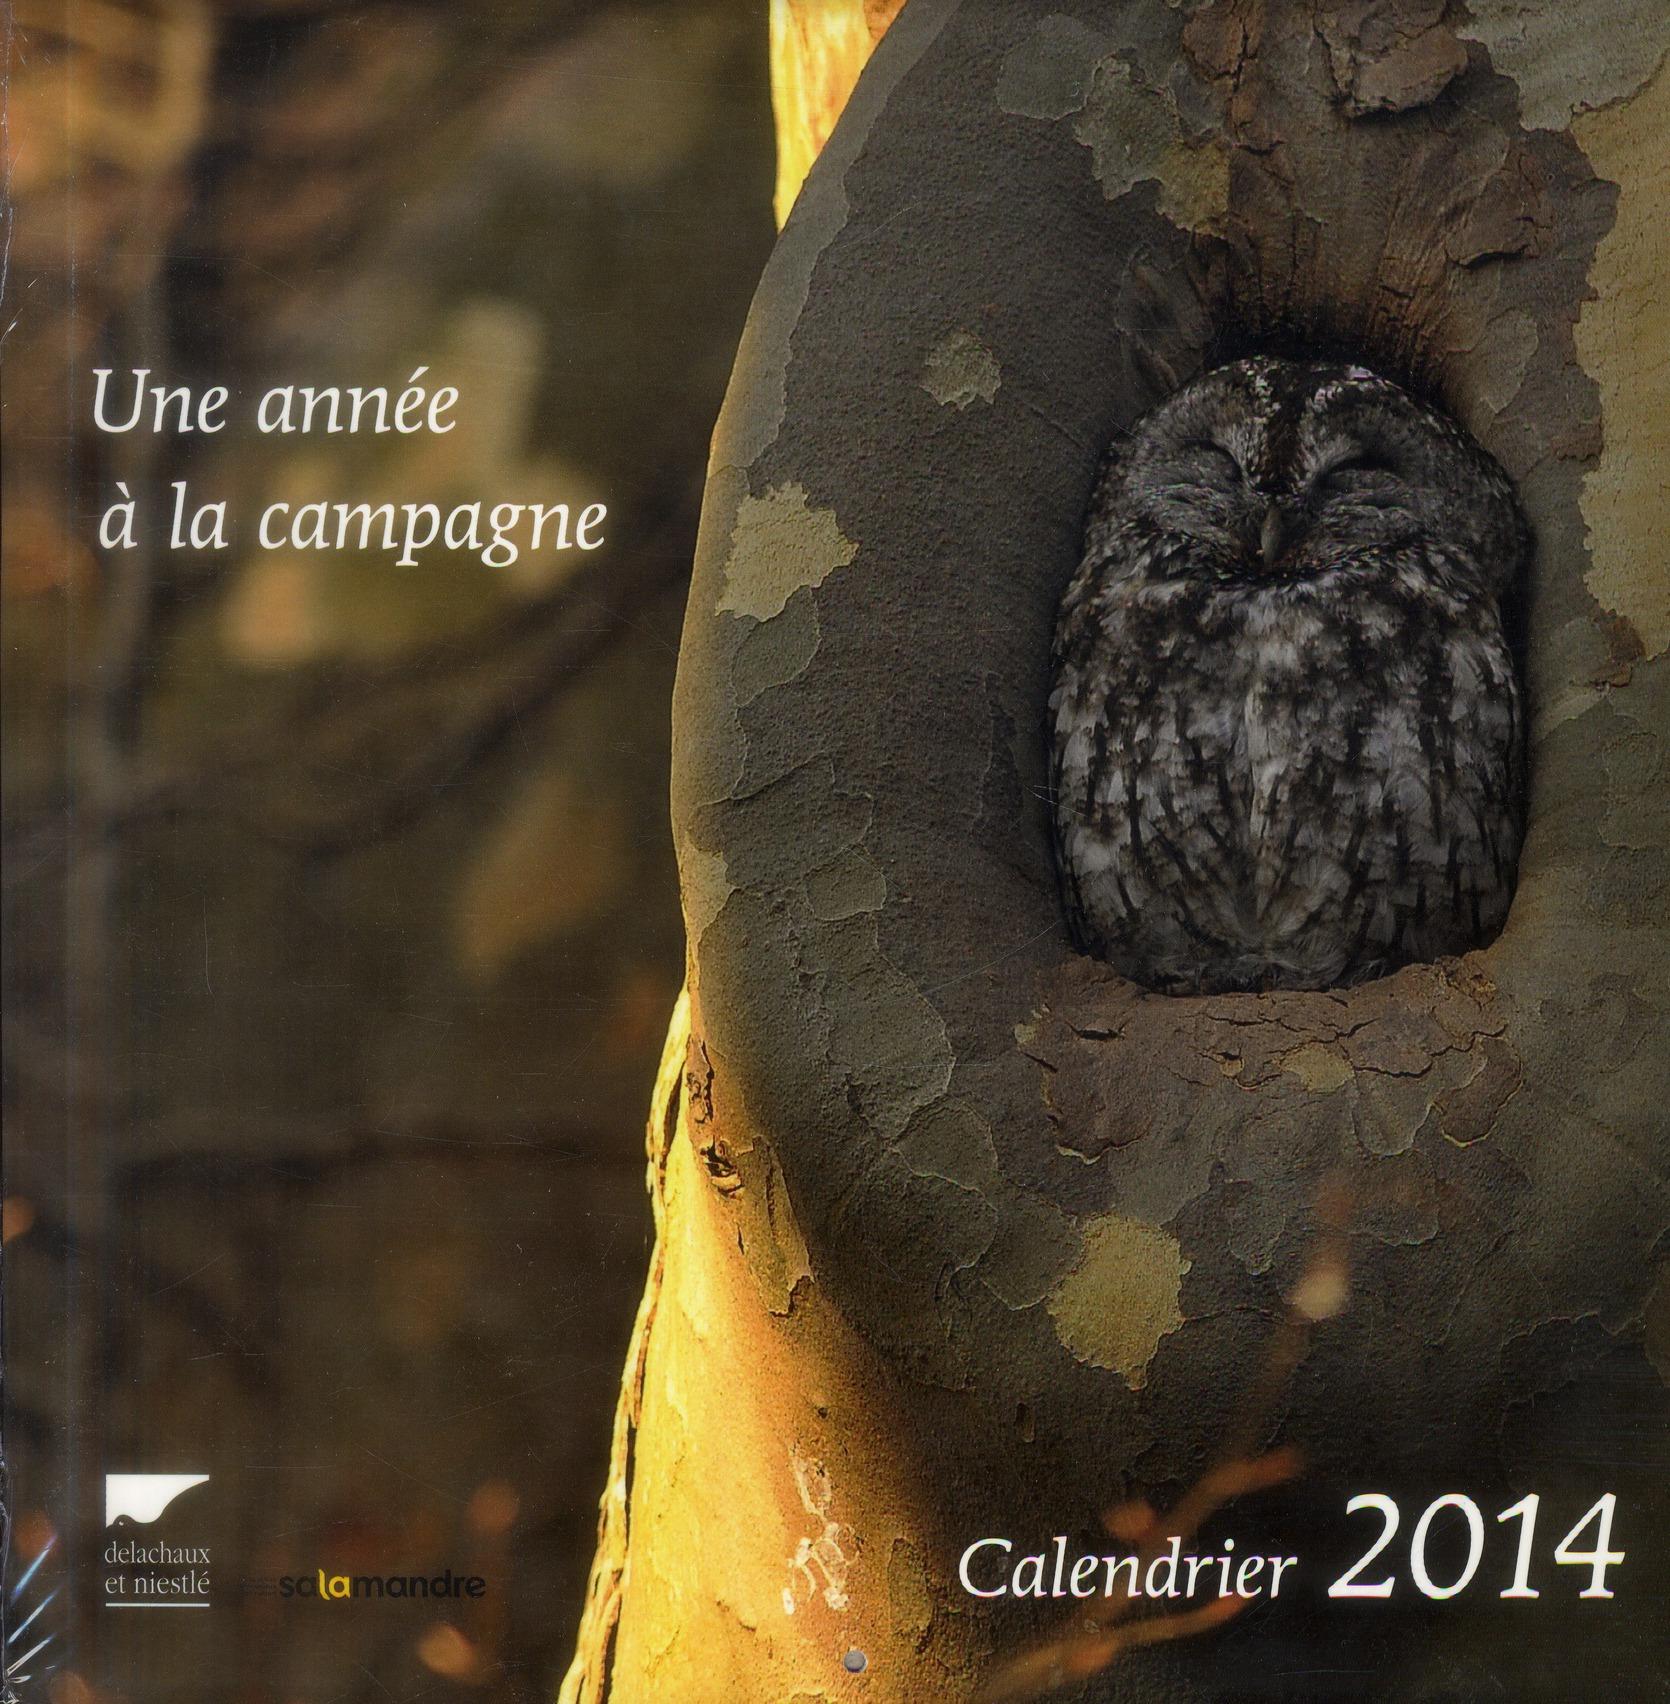 UNE ANNEE A LA CAMPAGNE. CALENDRIER 2014